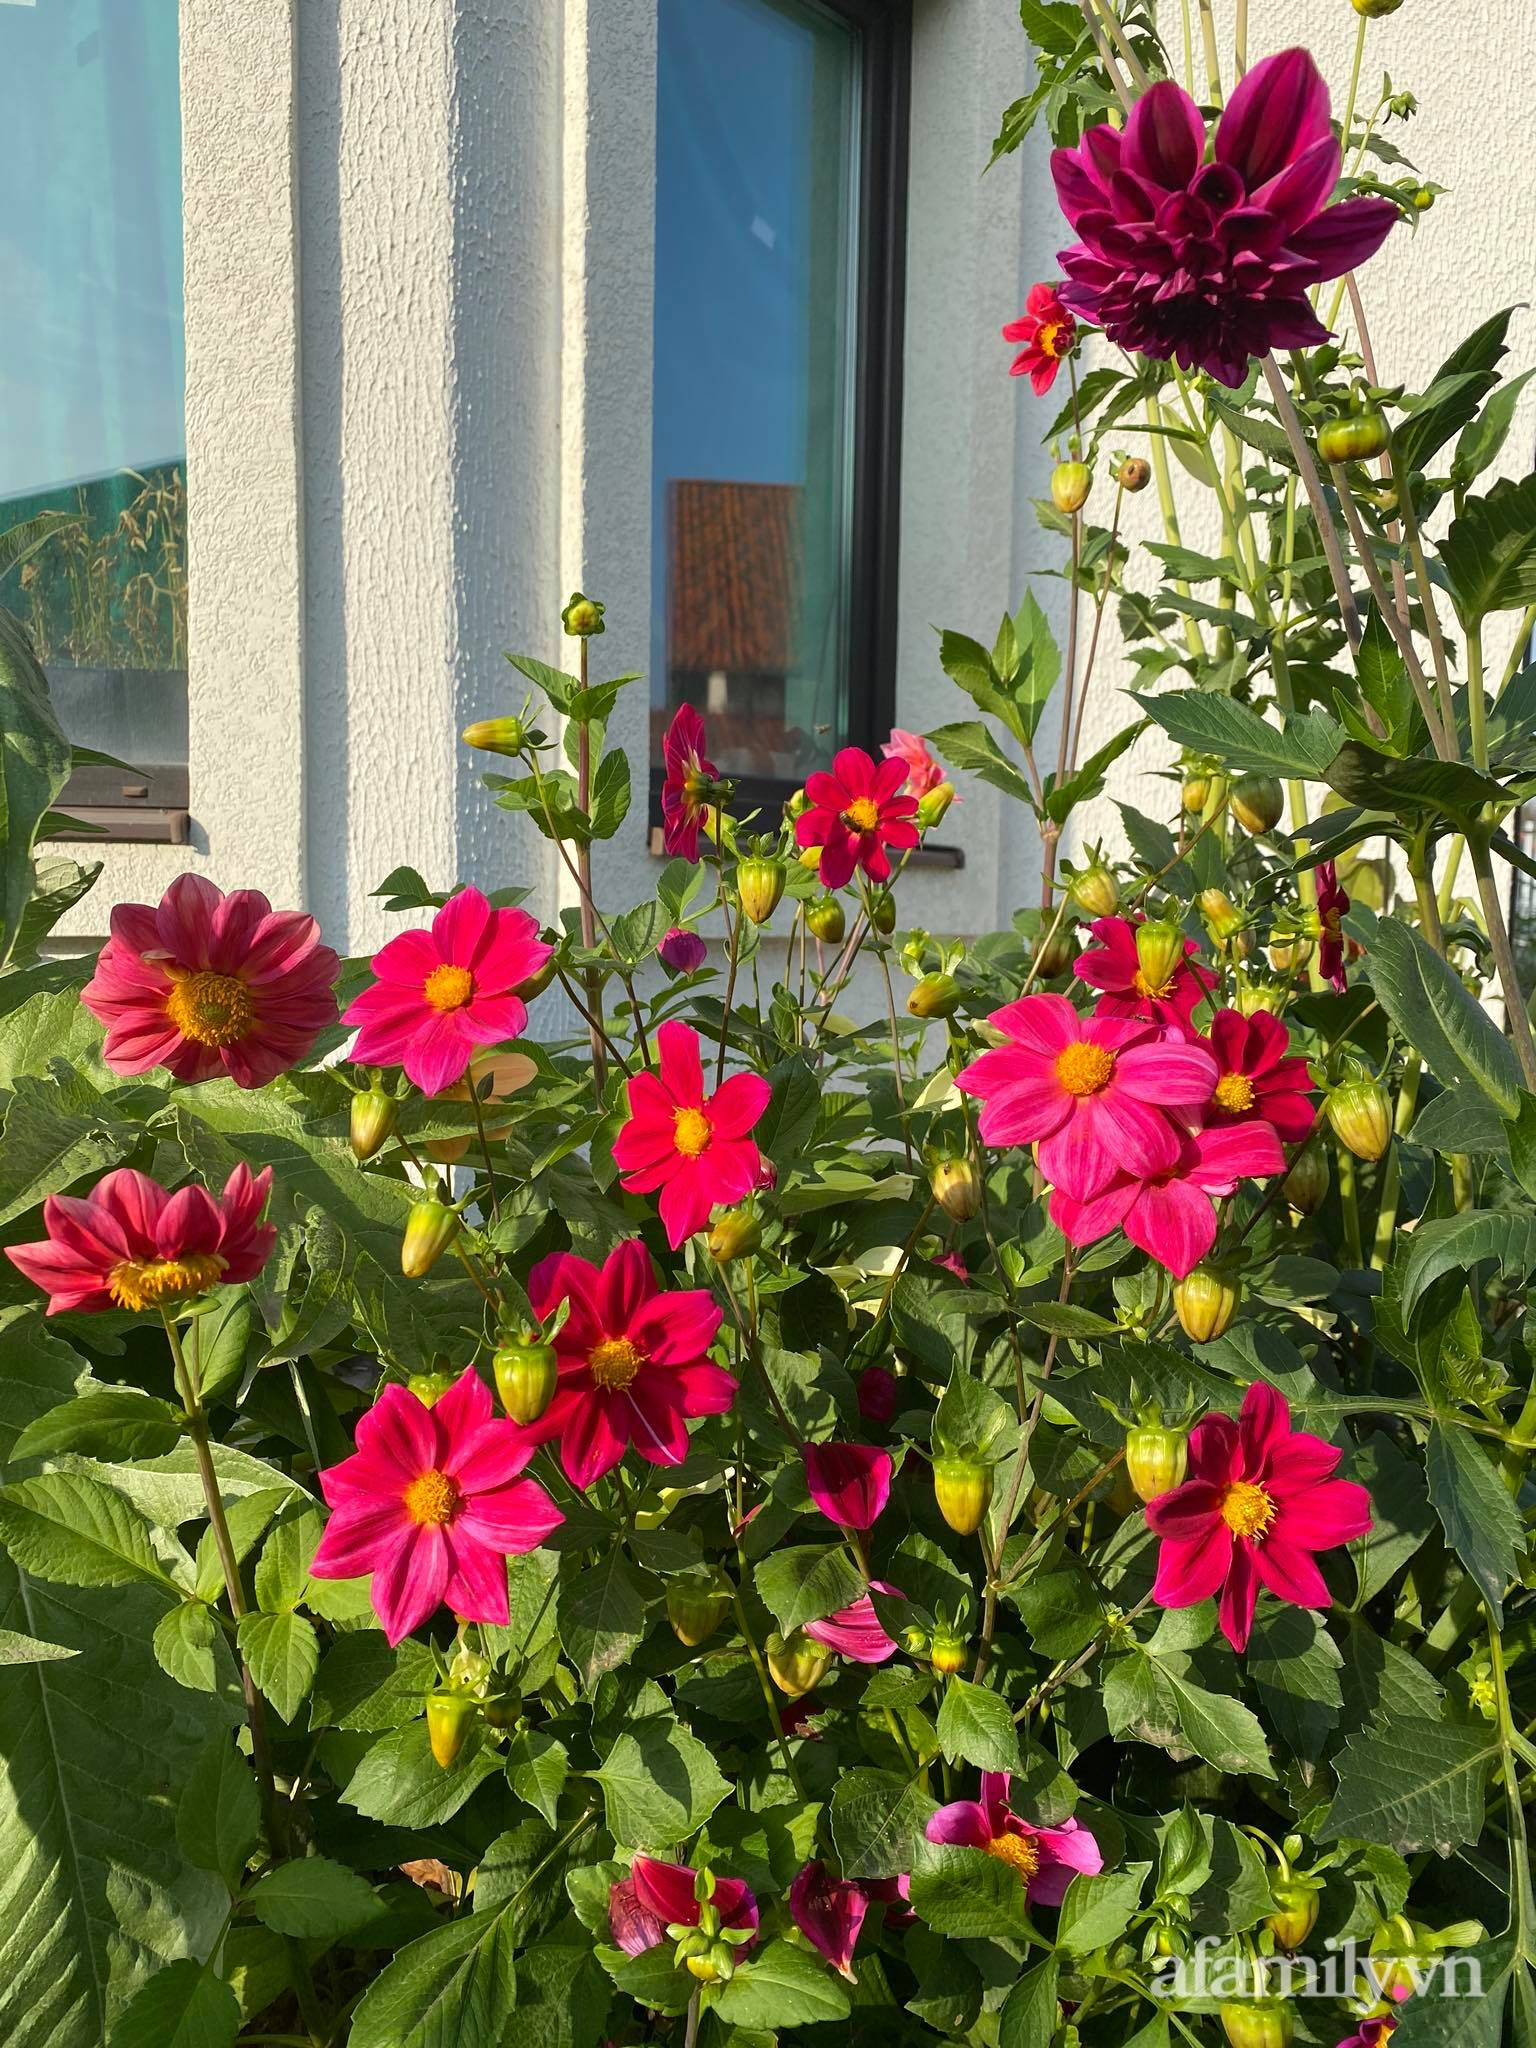 Khu vườn ngát hương hoa, tươi xanh màu rau củ của nữ giám đốc Việt ở Nga - Ảnh 9.